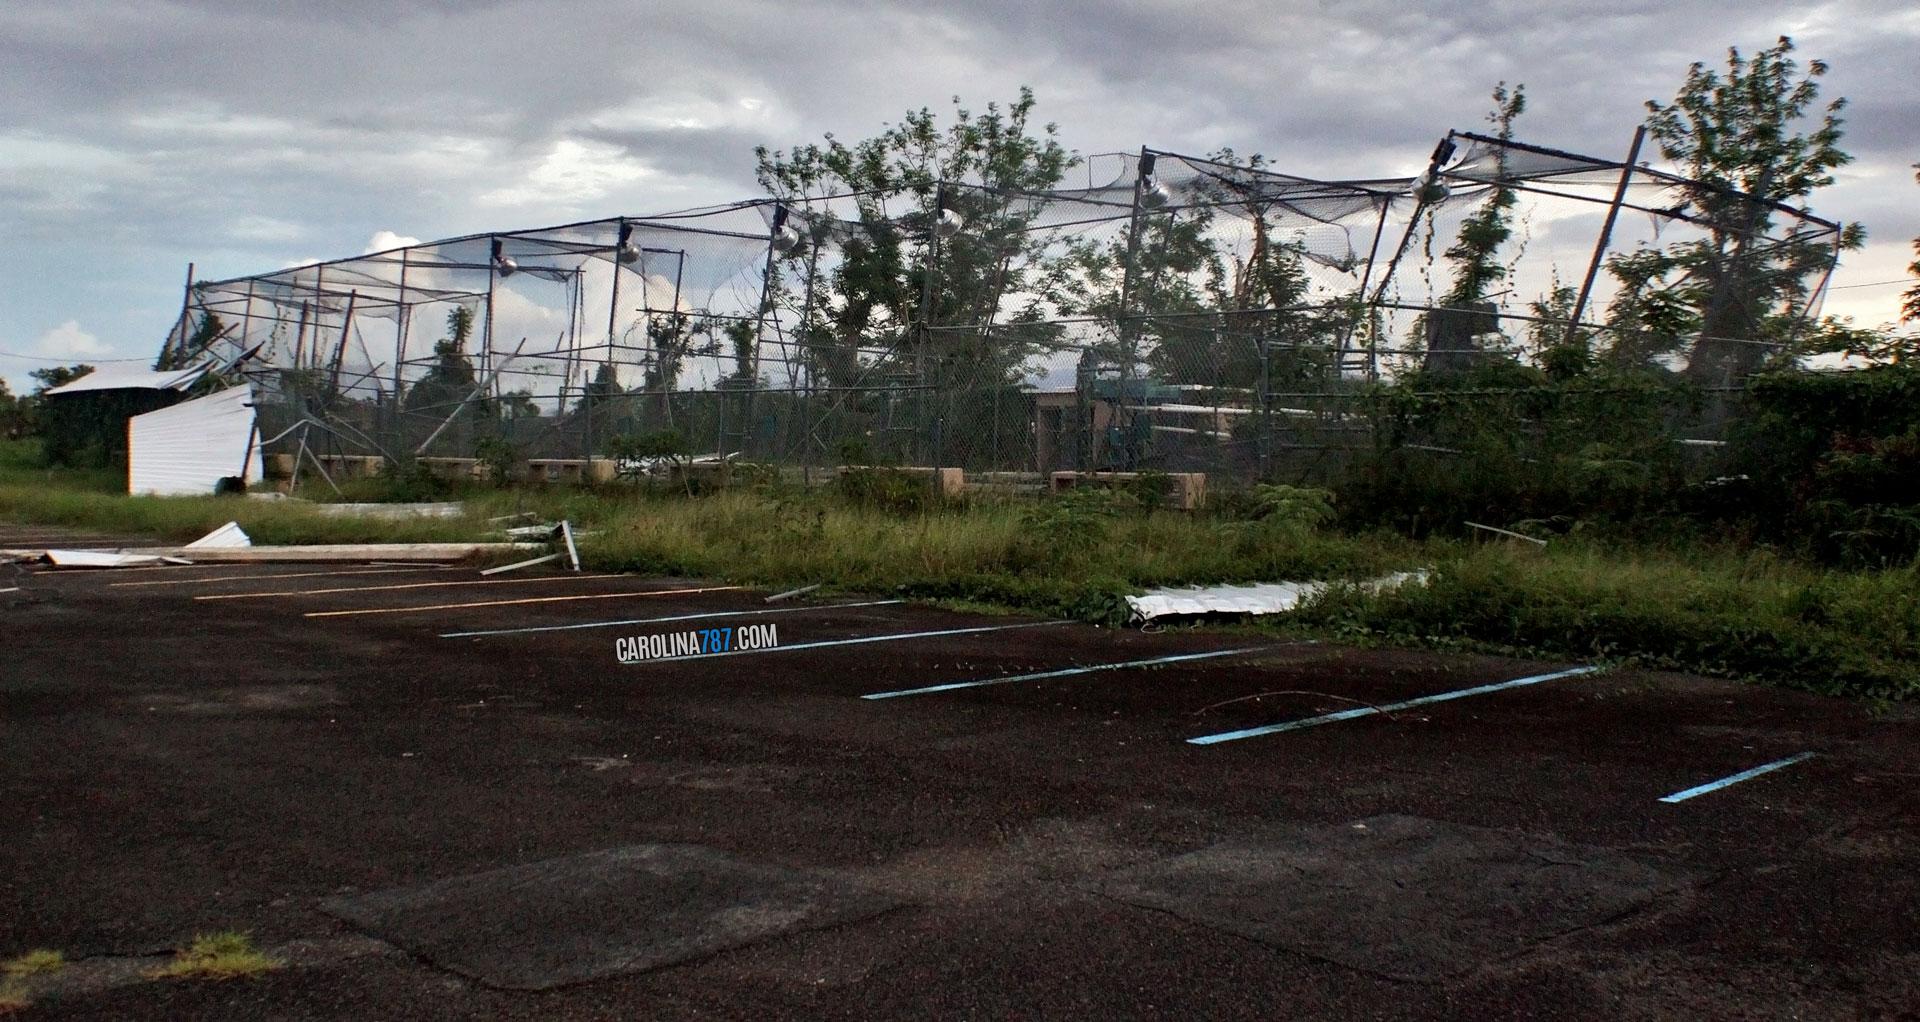 Destrucción tras el paso del Huracán María por la Ciudad Deportiva Roberto Clemente en carolina, Puerto Rico.